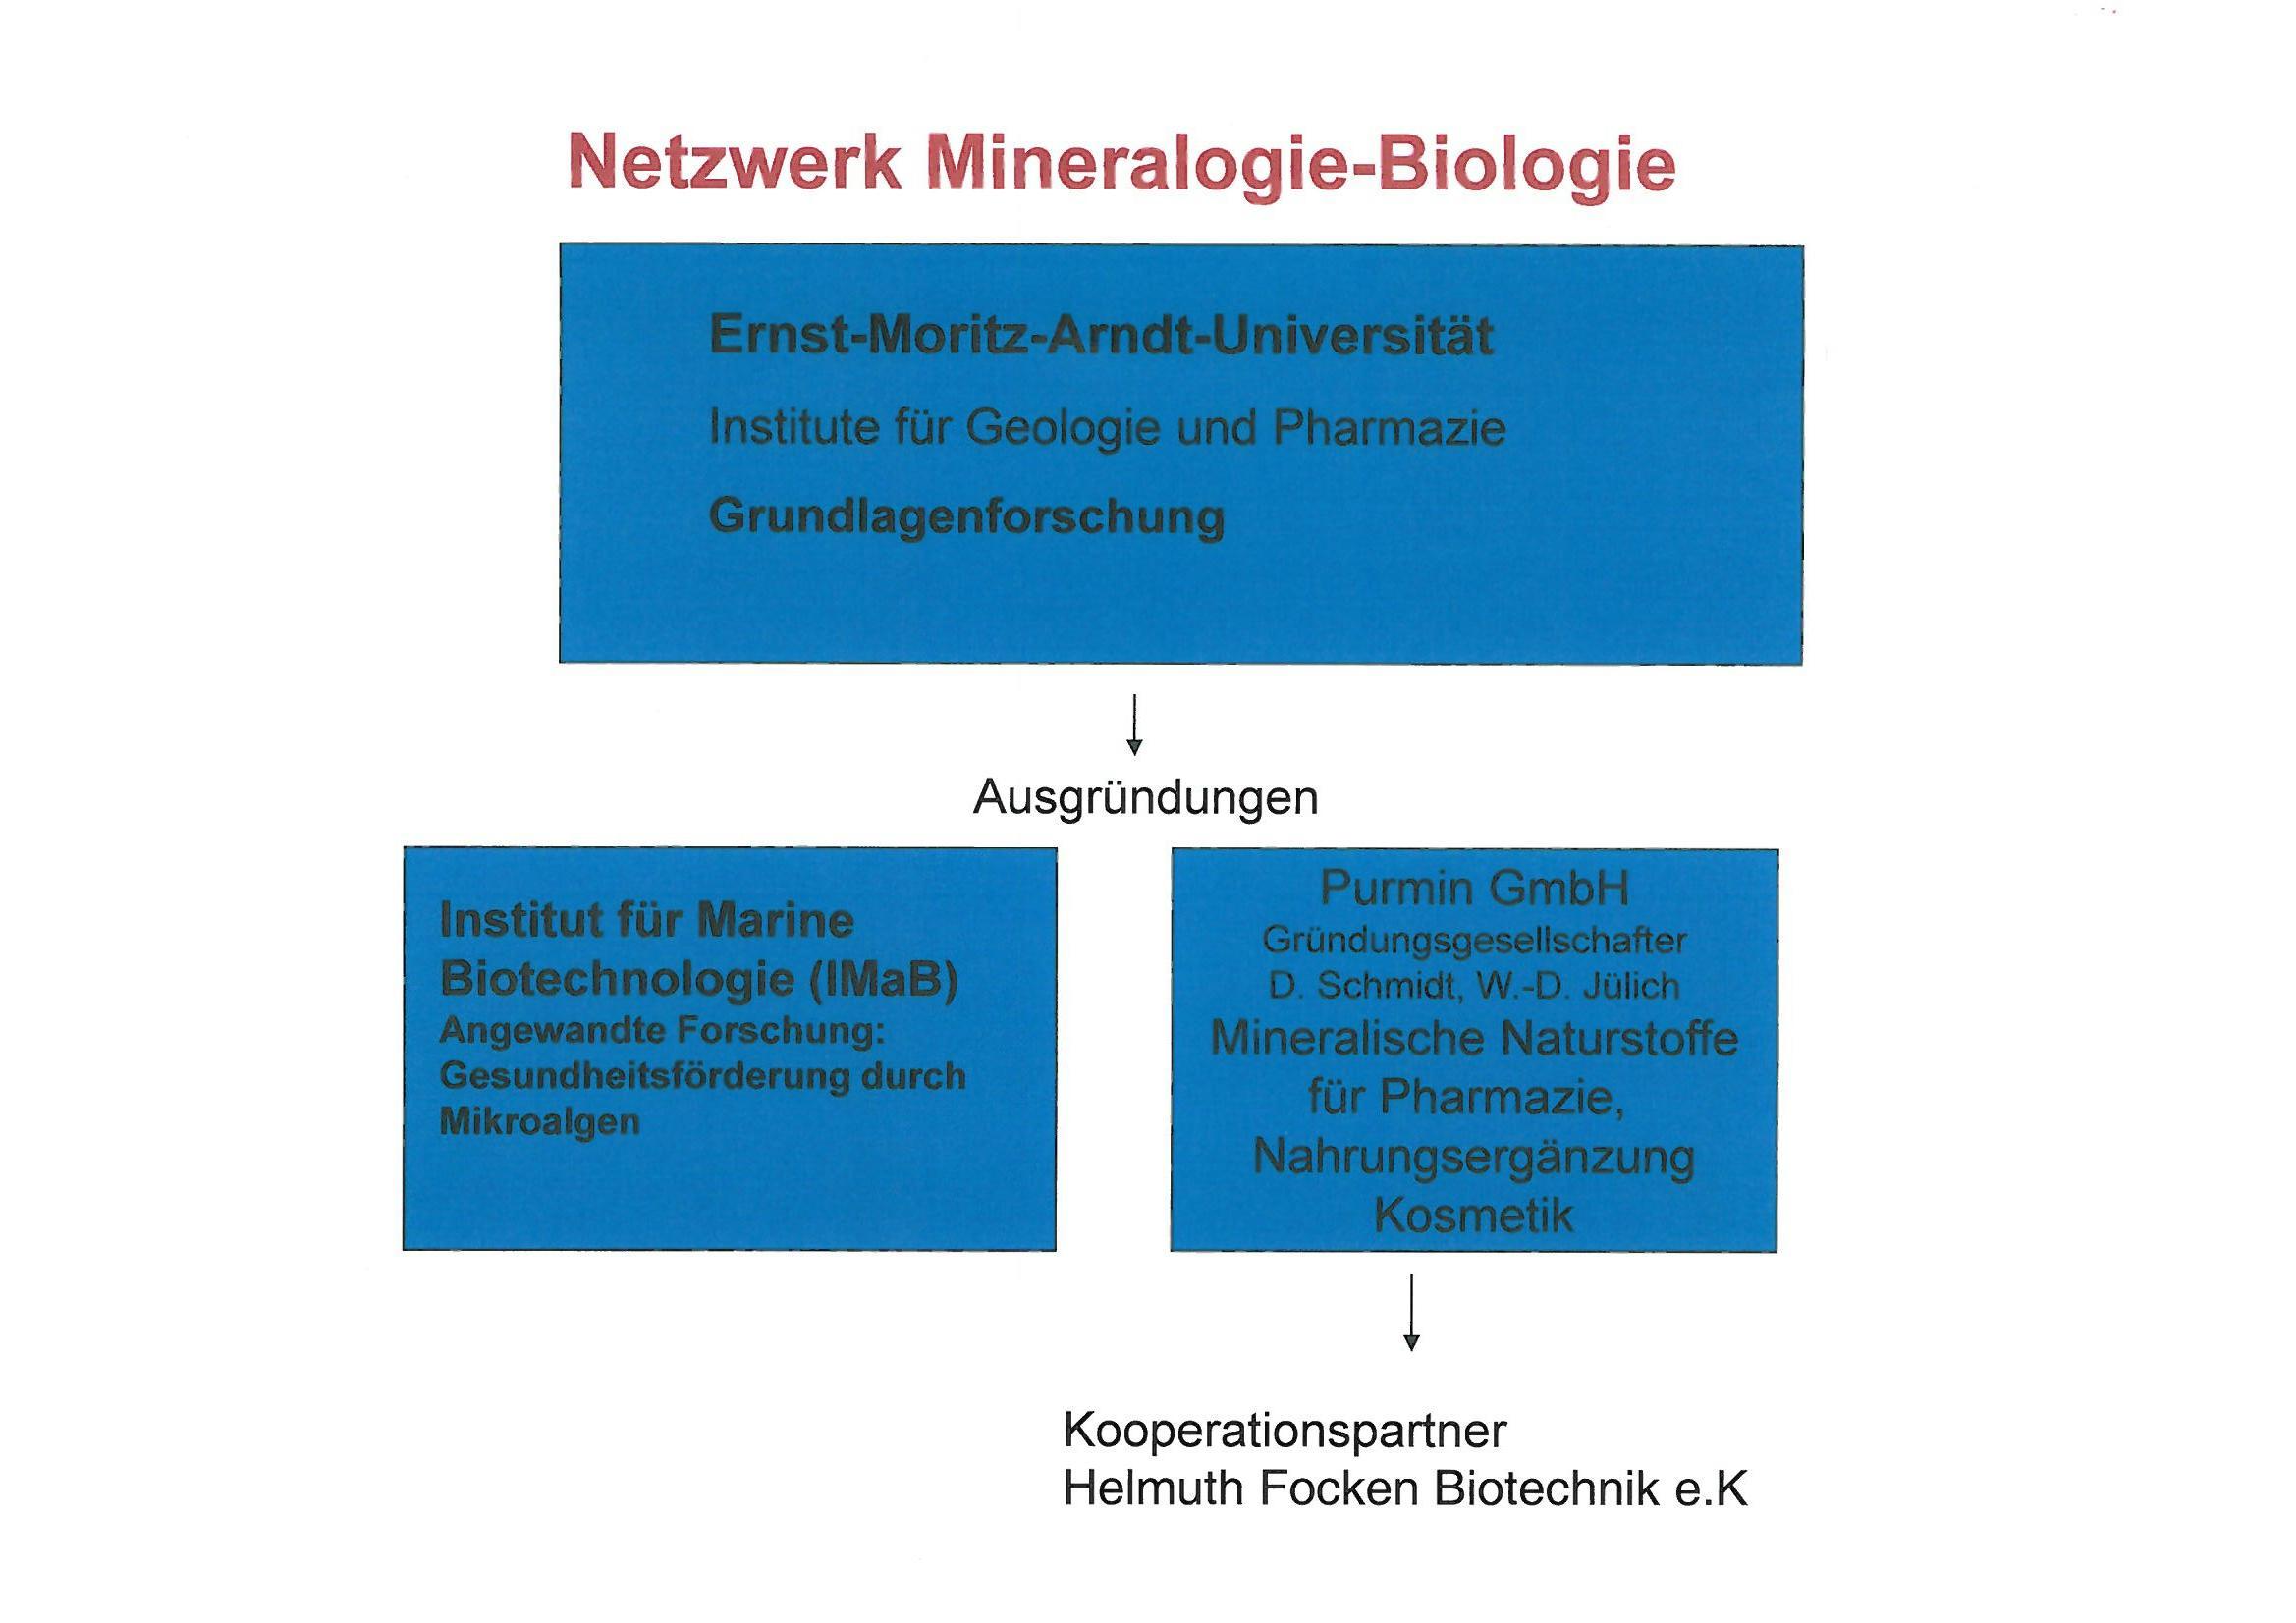 Das Netzwerk Mineralogie-Biologie-Biotechnik